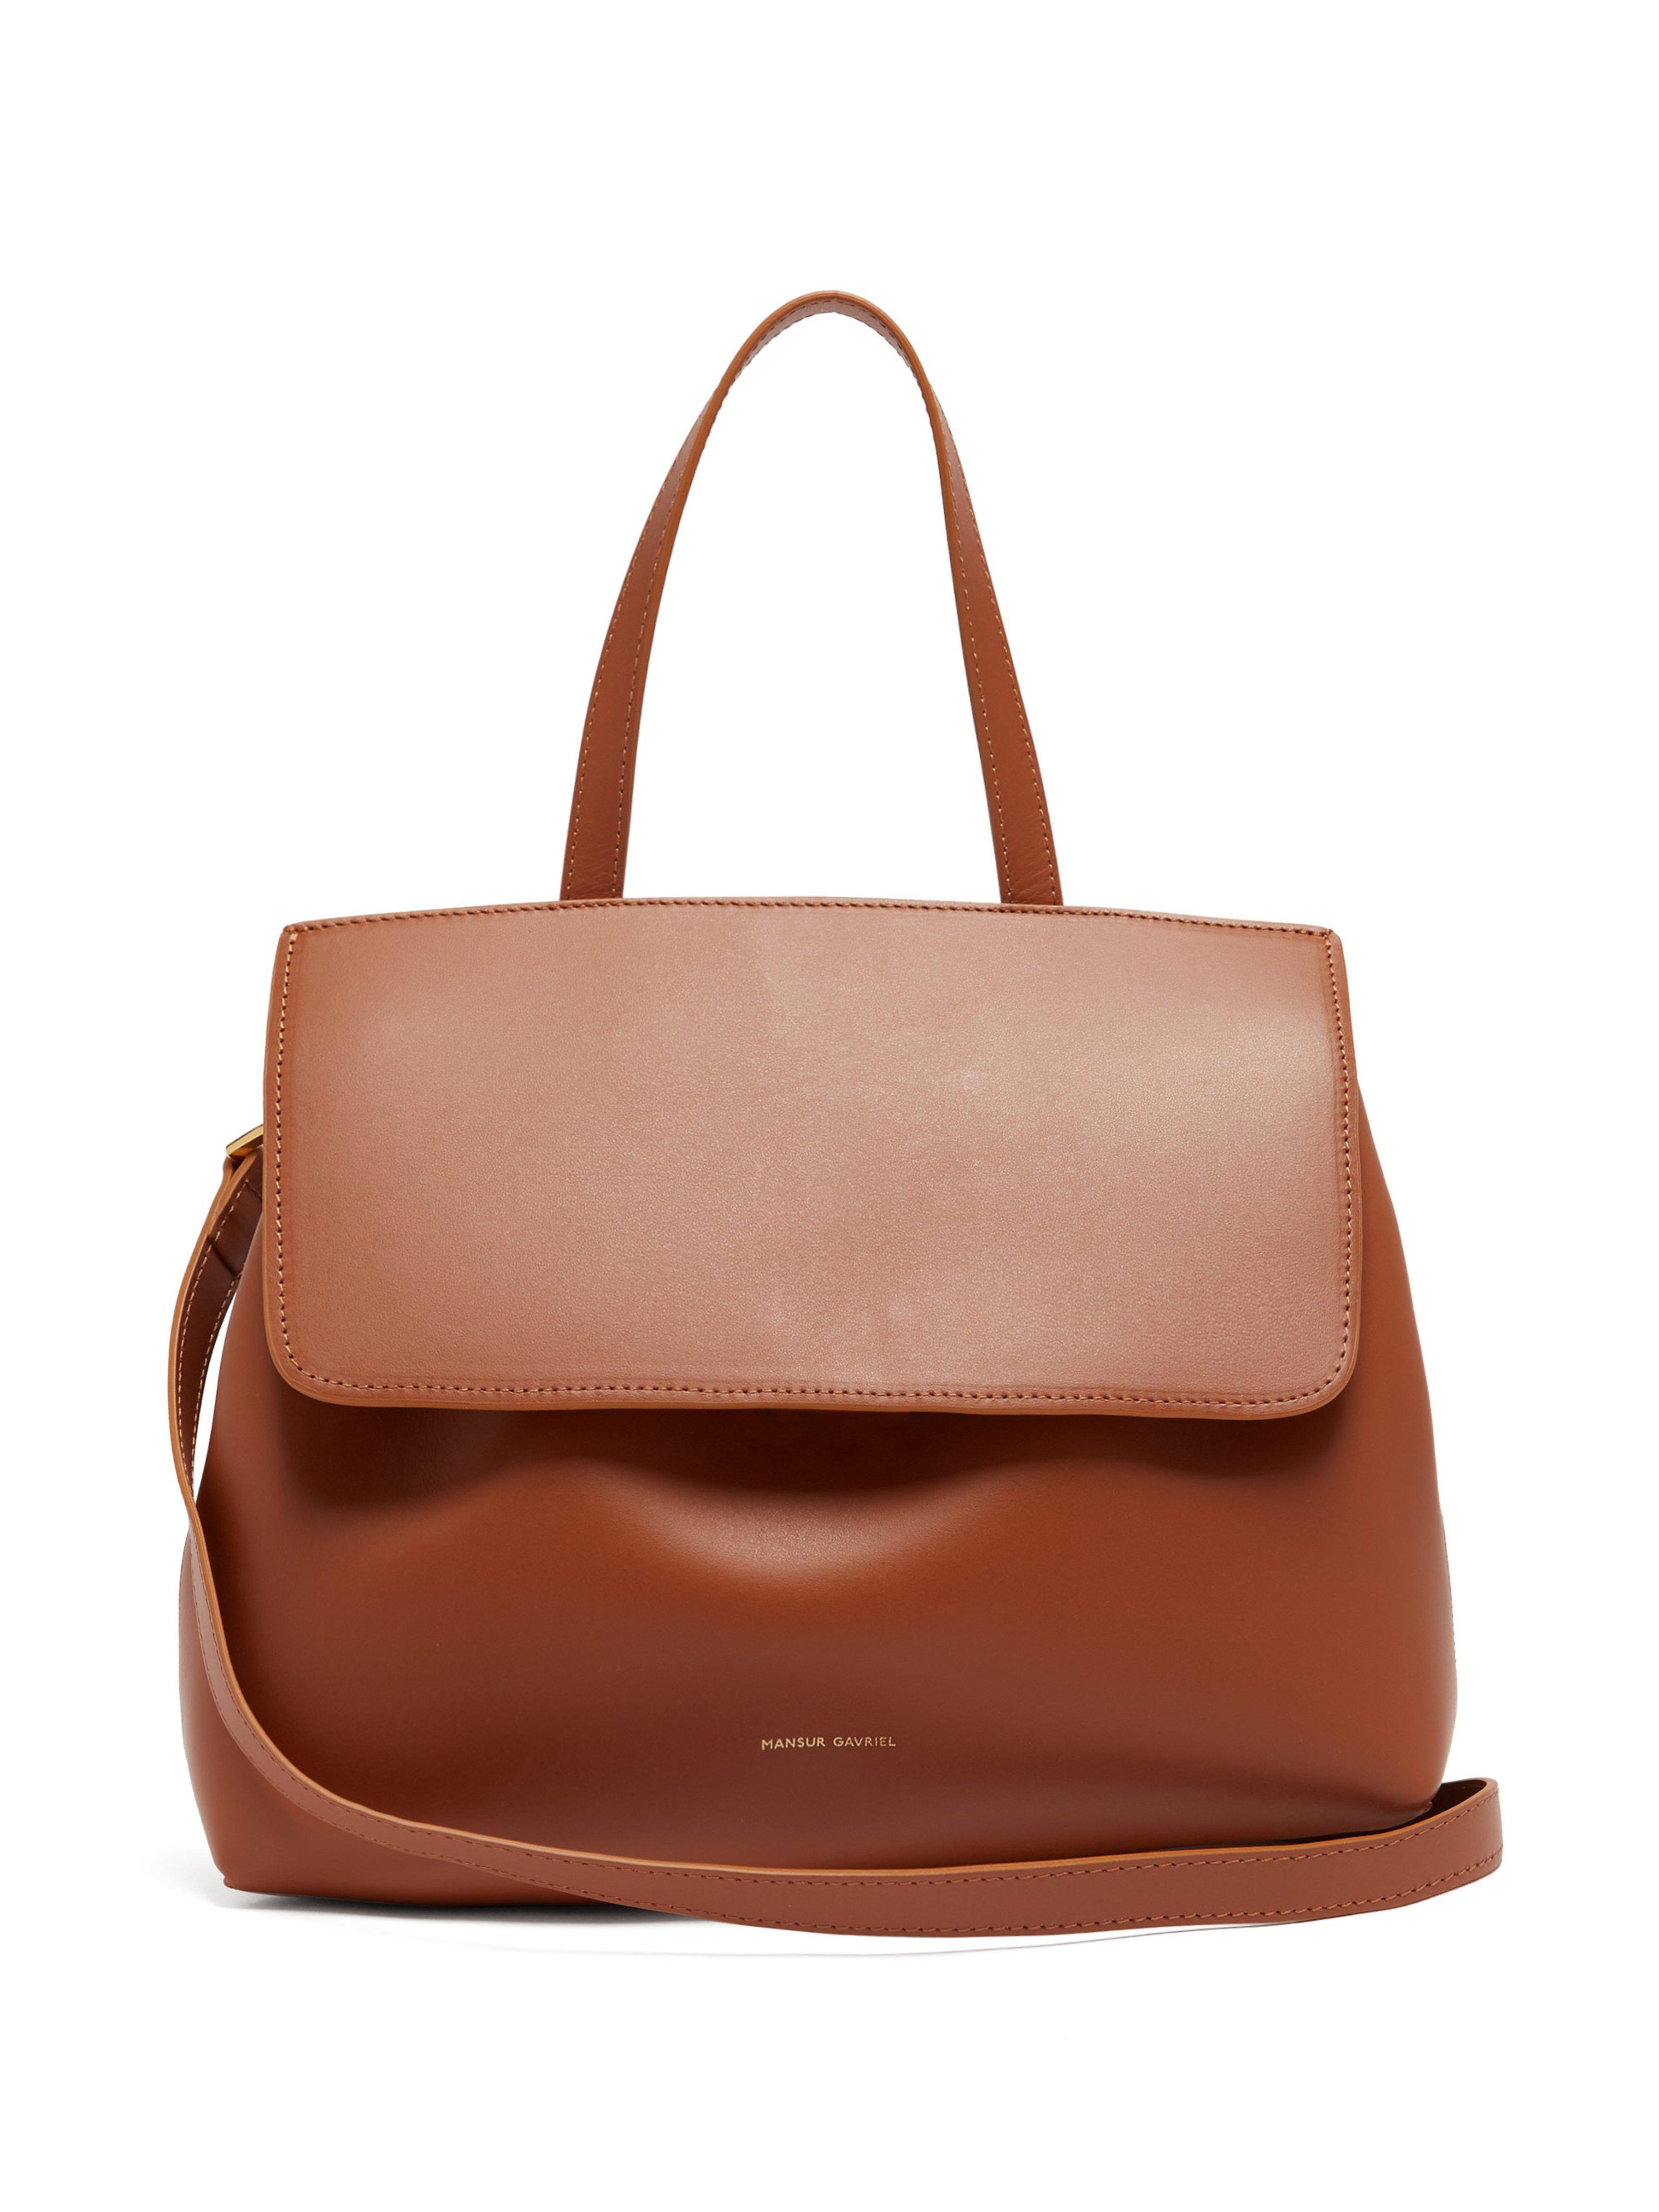 bb34497e204c Mansur Gavriel - Brown Mini Lady Drawstring Leather Bag - Lyst. View  fullscreen